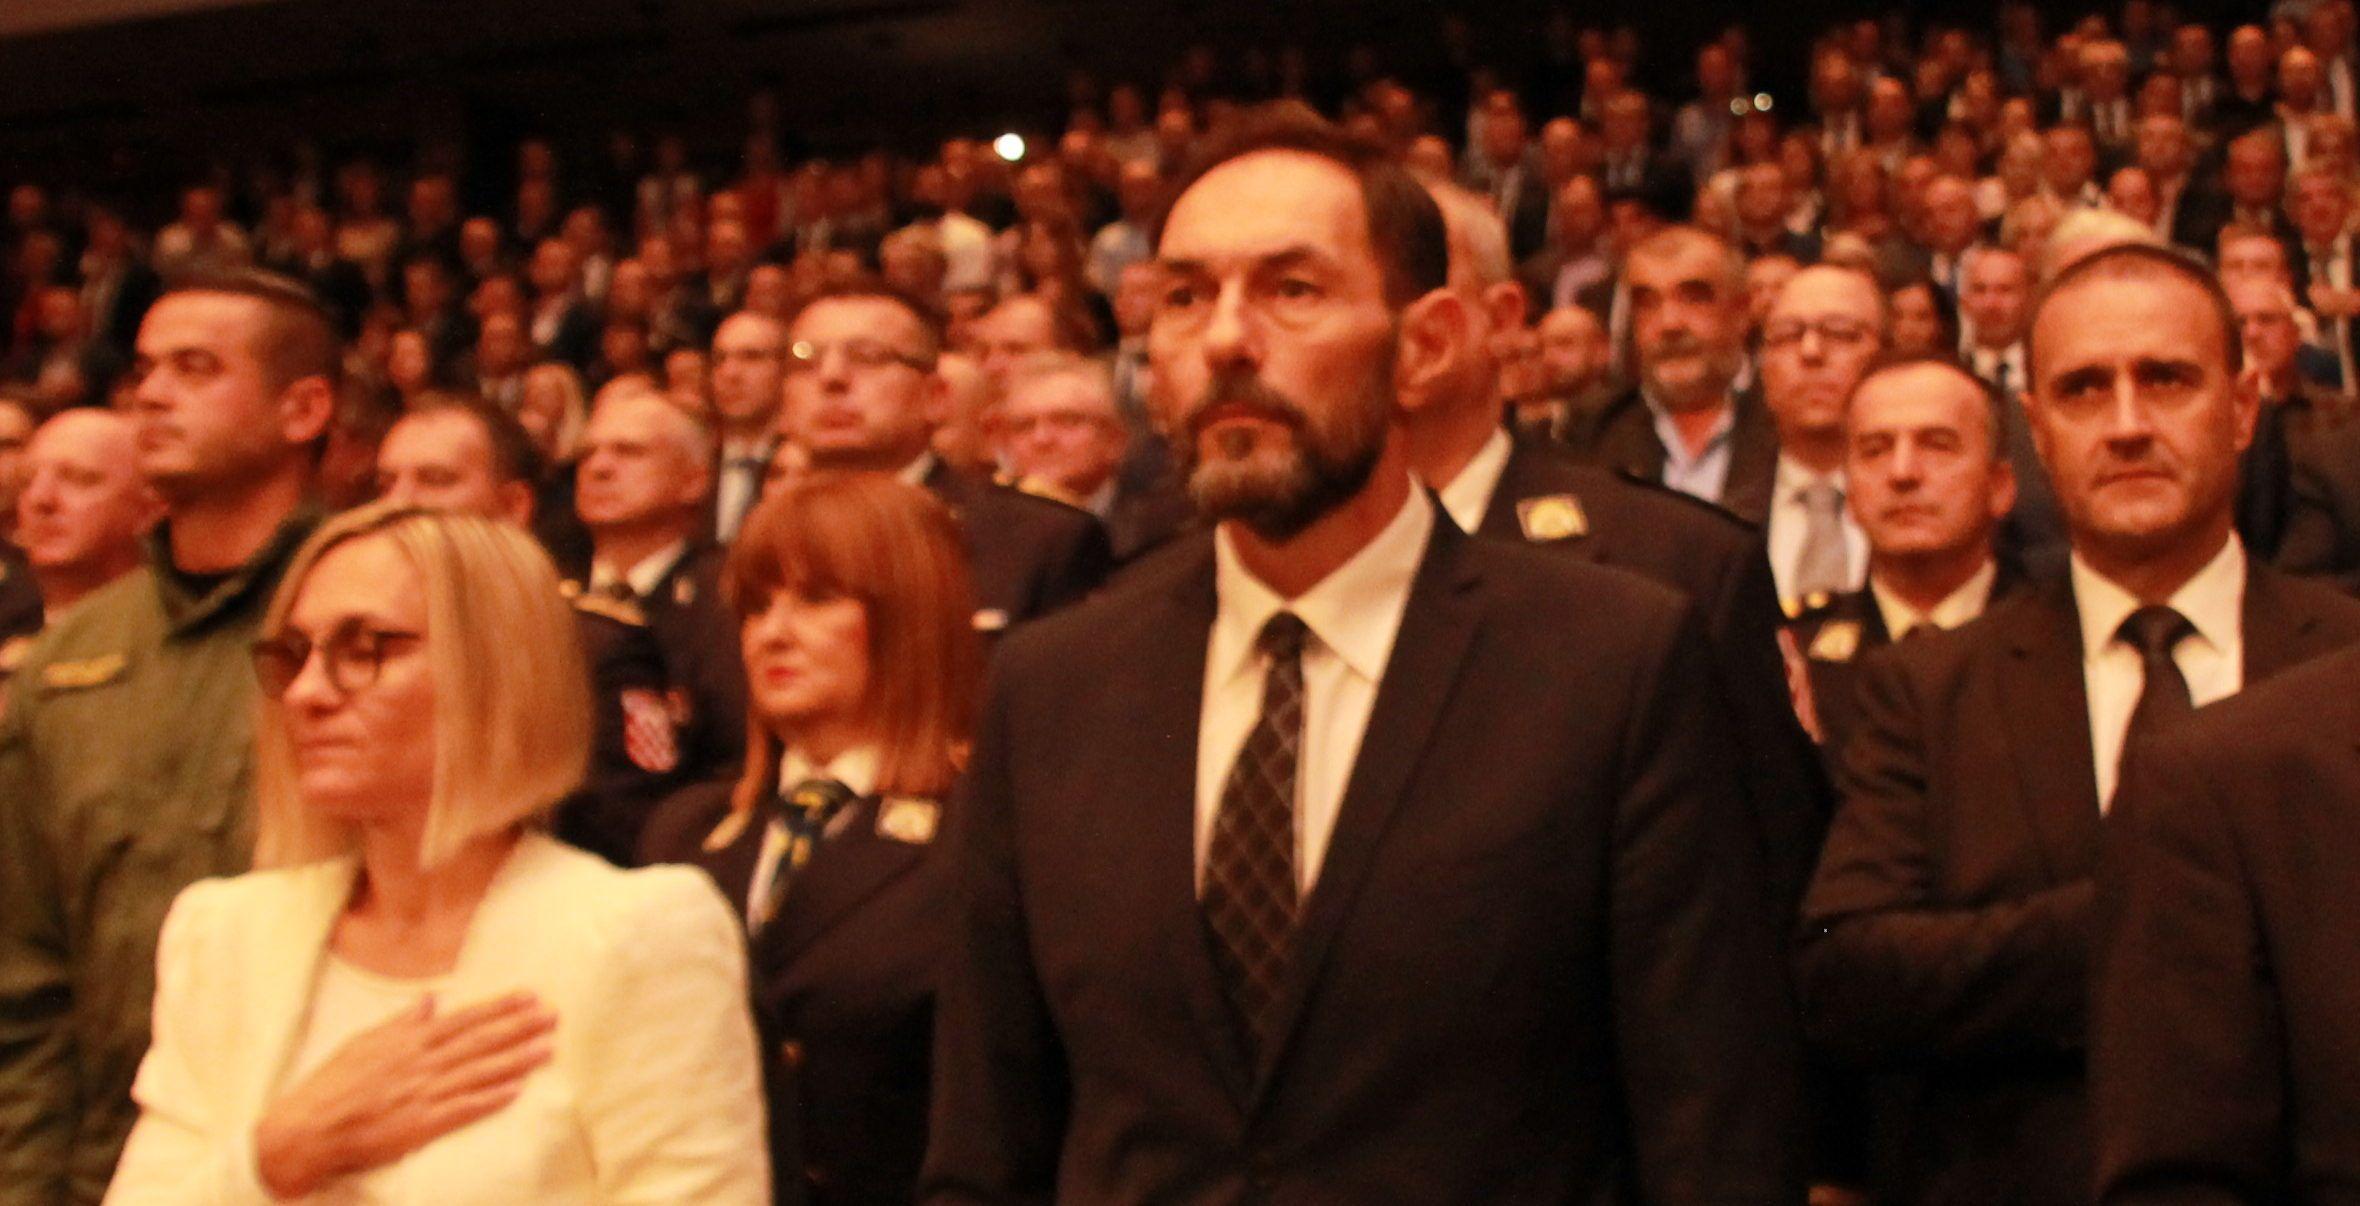 Šef DORH-a Dražen Jelenić: Ne osjećam se prozvanim od strane Hvidre